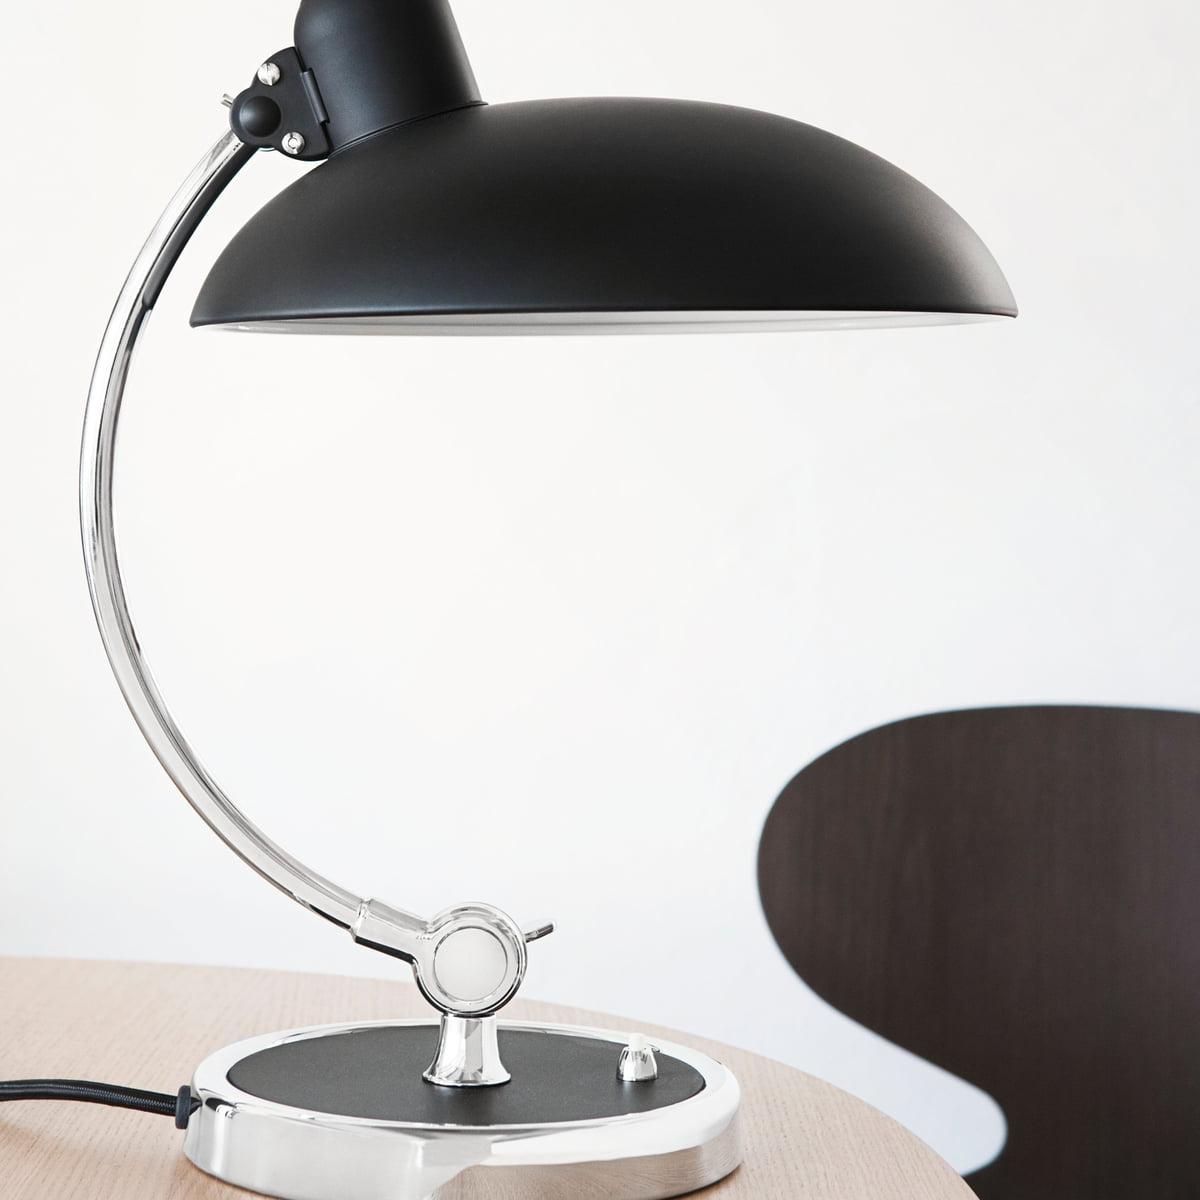 6631 luxus tischleuchte von kaiser idell connox. Black Bedroom Furniture Sets. Home Design Ideas